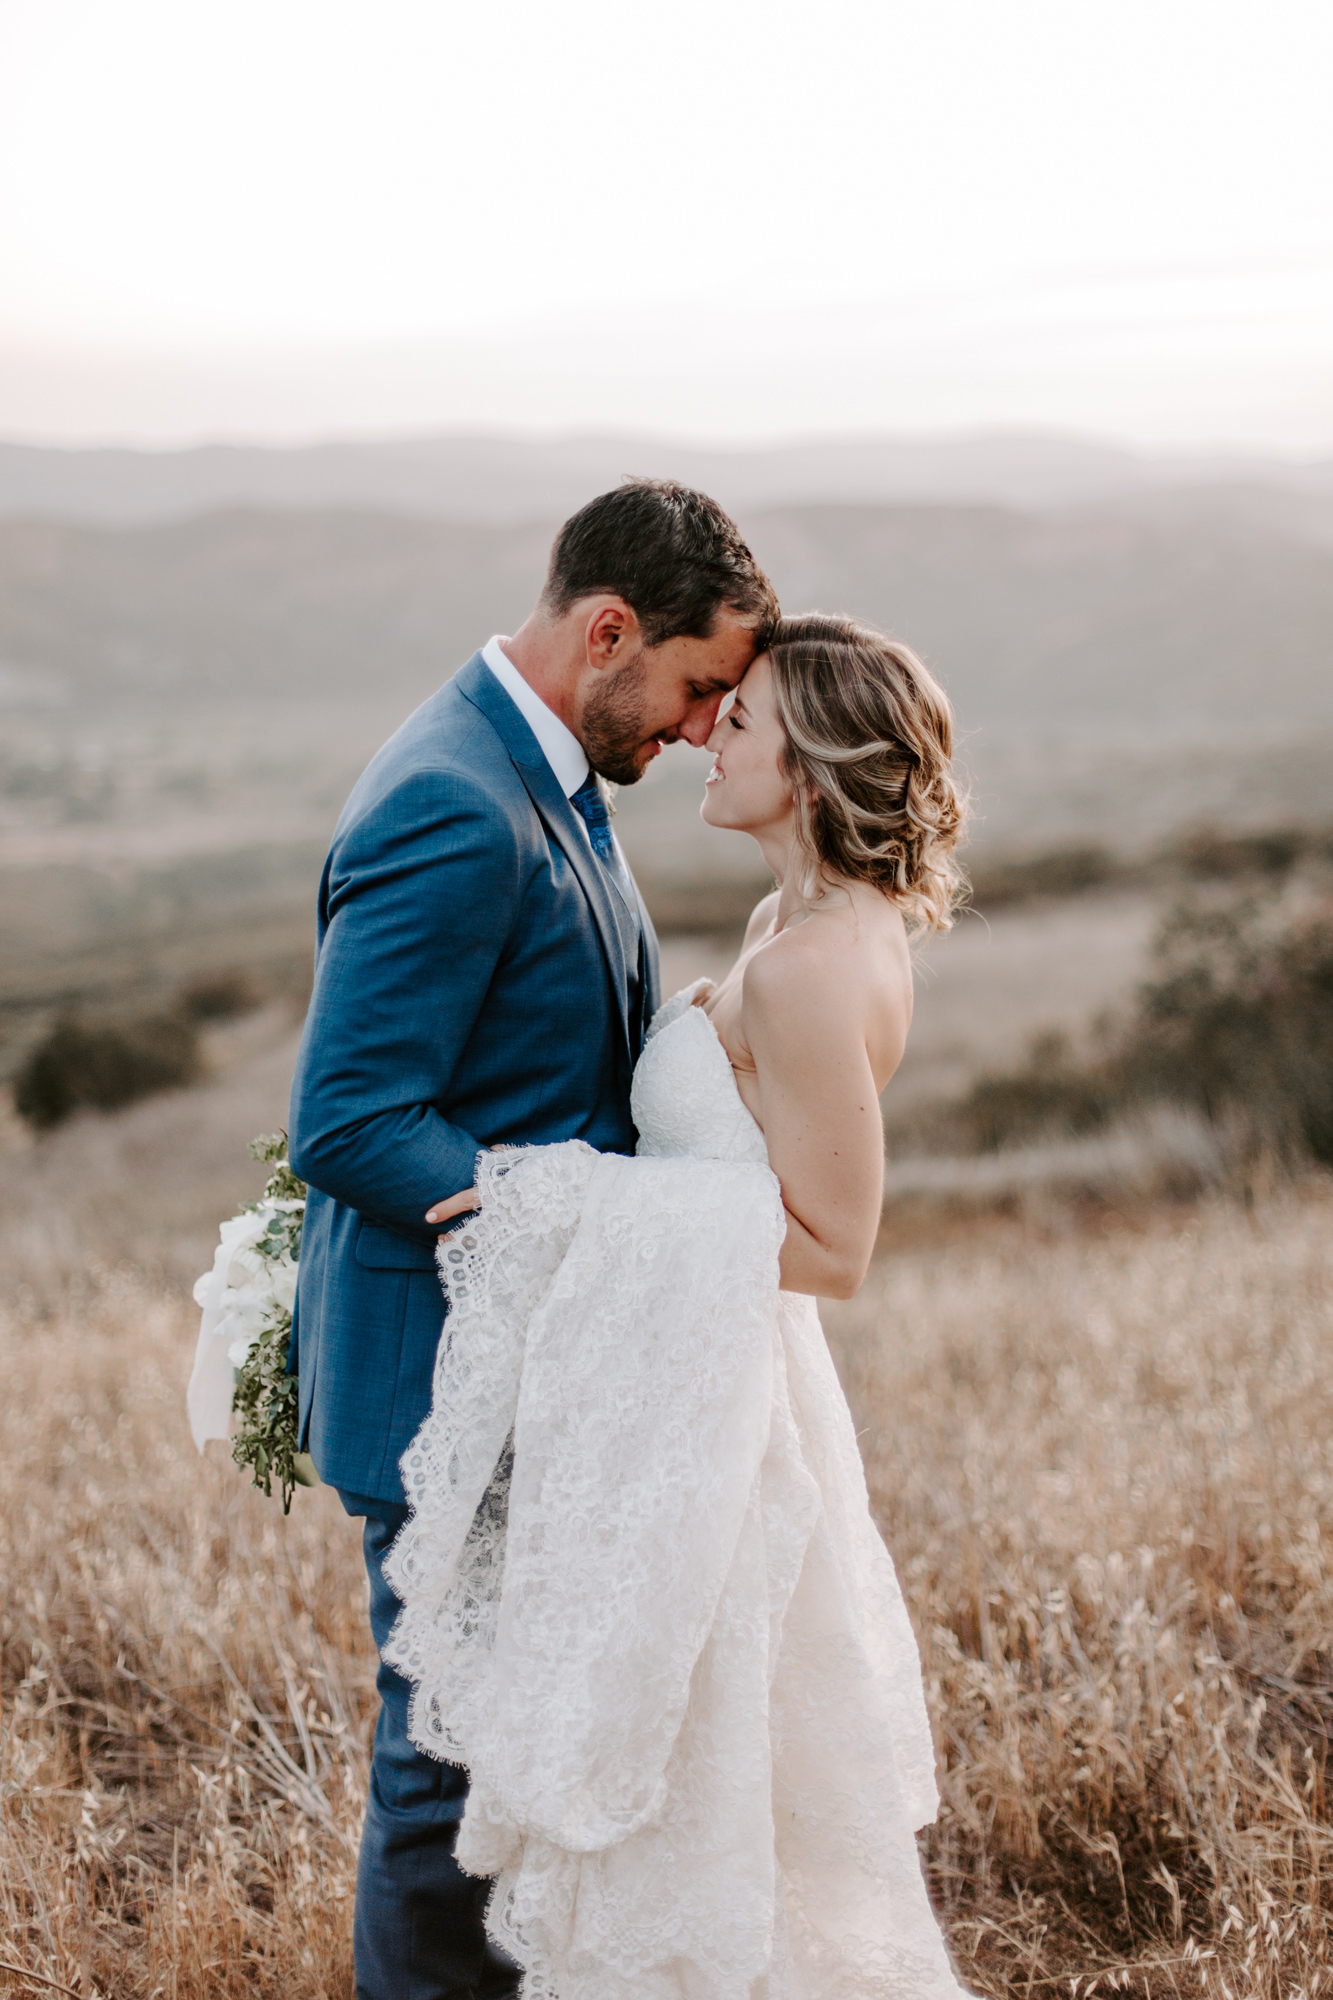 San Diego Wedding photography in Silverado Backyard Wedding073.jpg